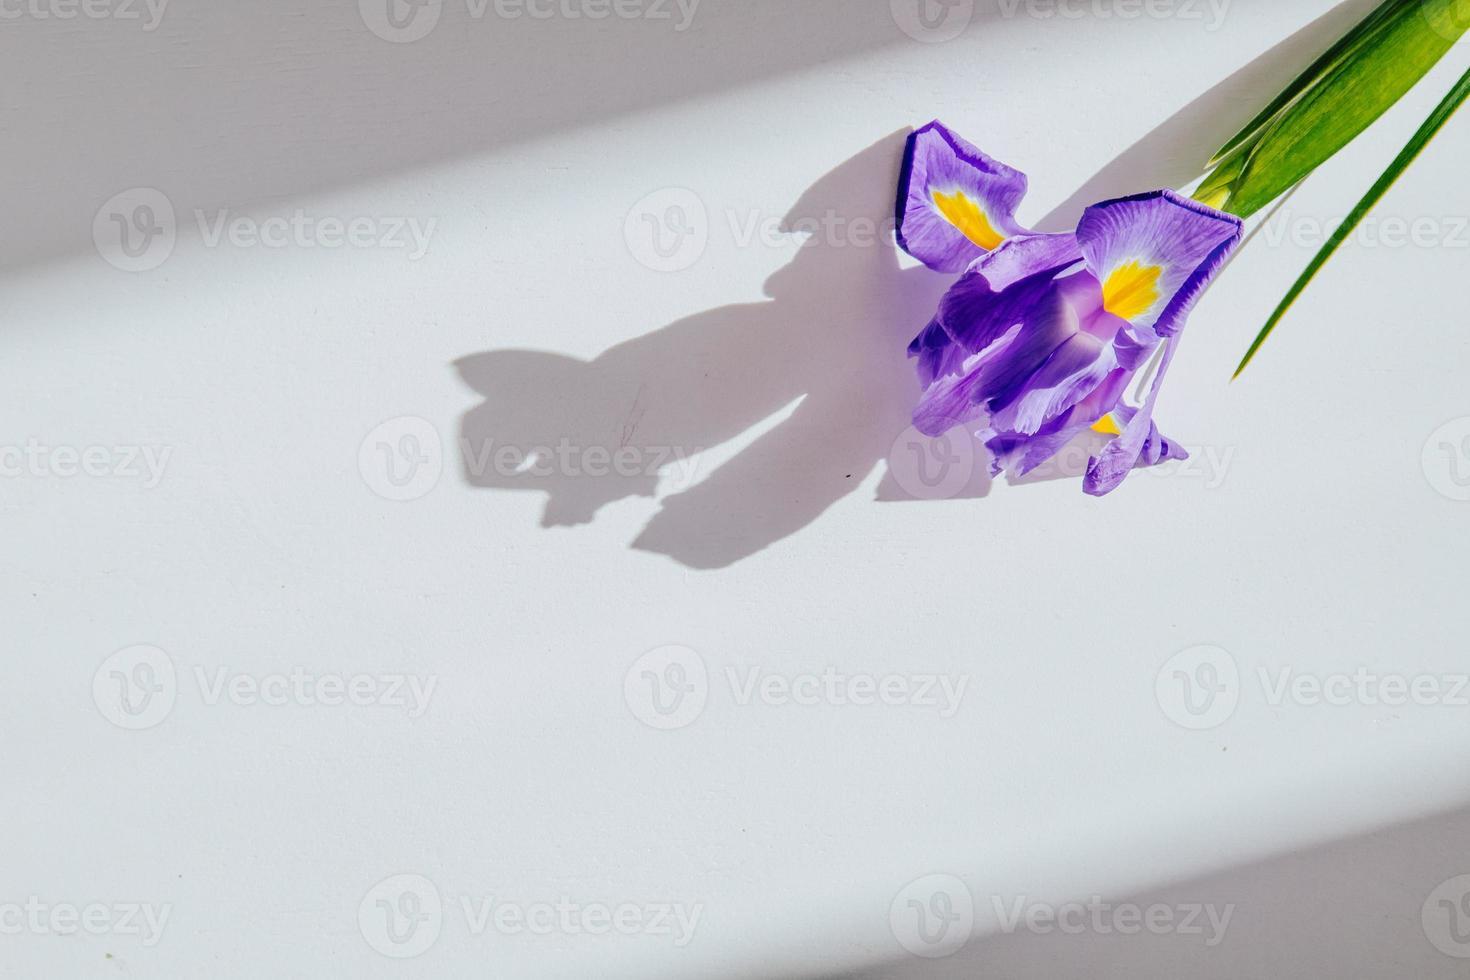 Flor de iris púrpura sobre un fondo blanco con espacio de copia foto